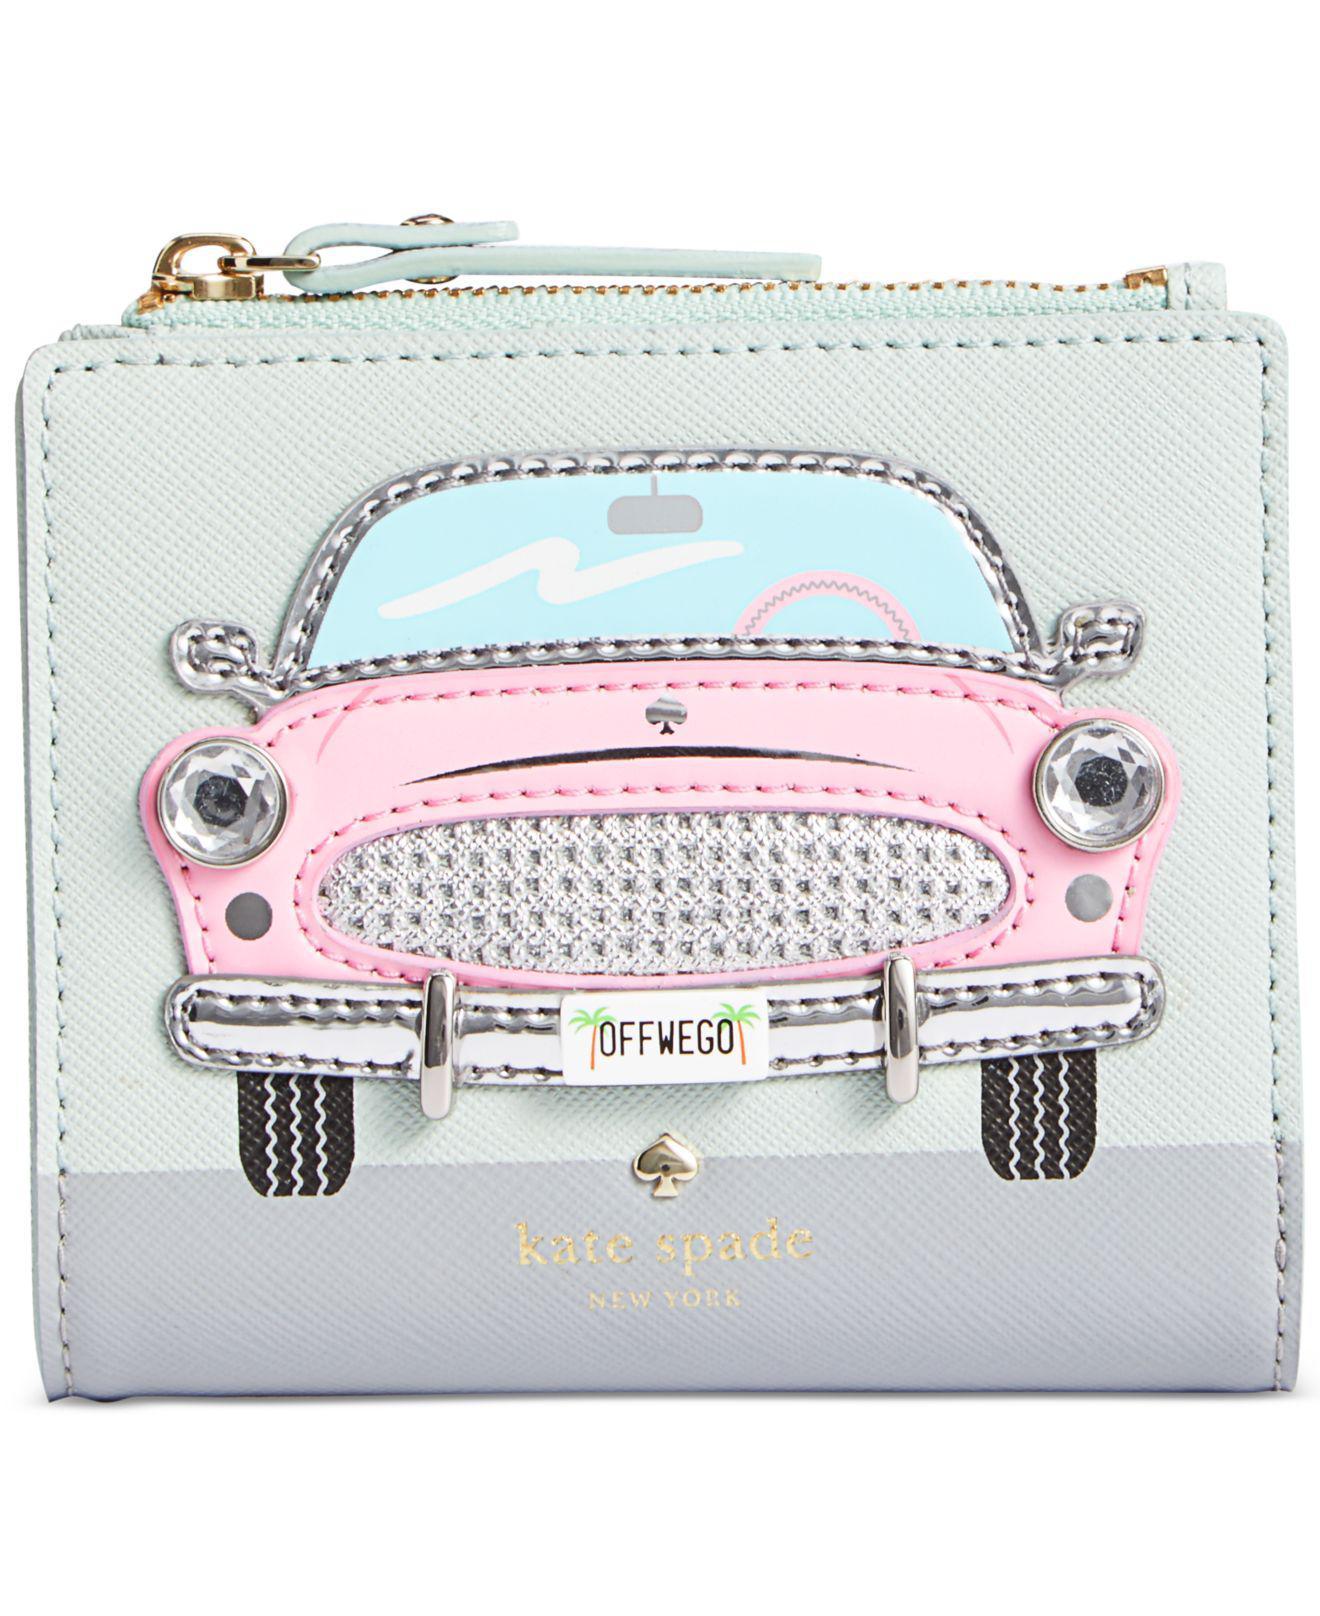 elvis presley product purse item purses com m ashley description bag pink shopgoodwill cadillac